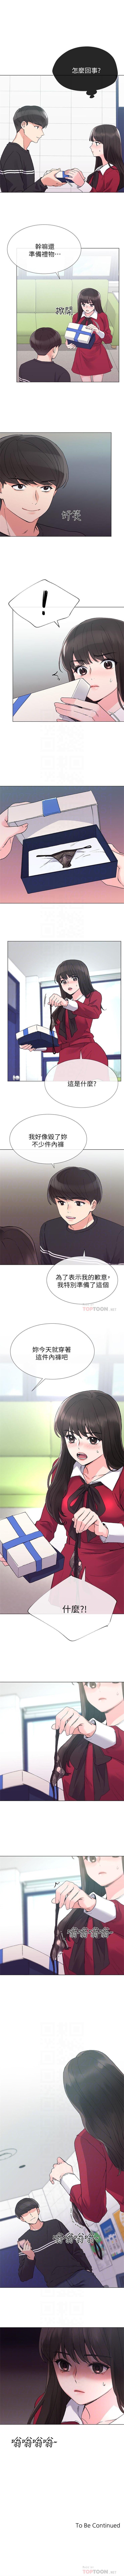 (週5)重考生 1-52 中文翻譯(更新中) 236